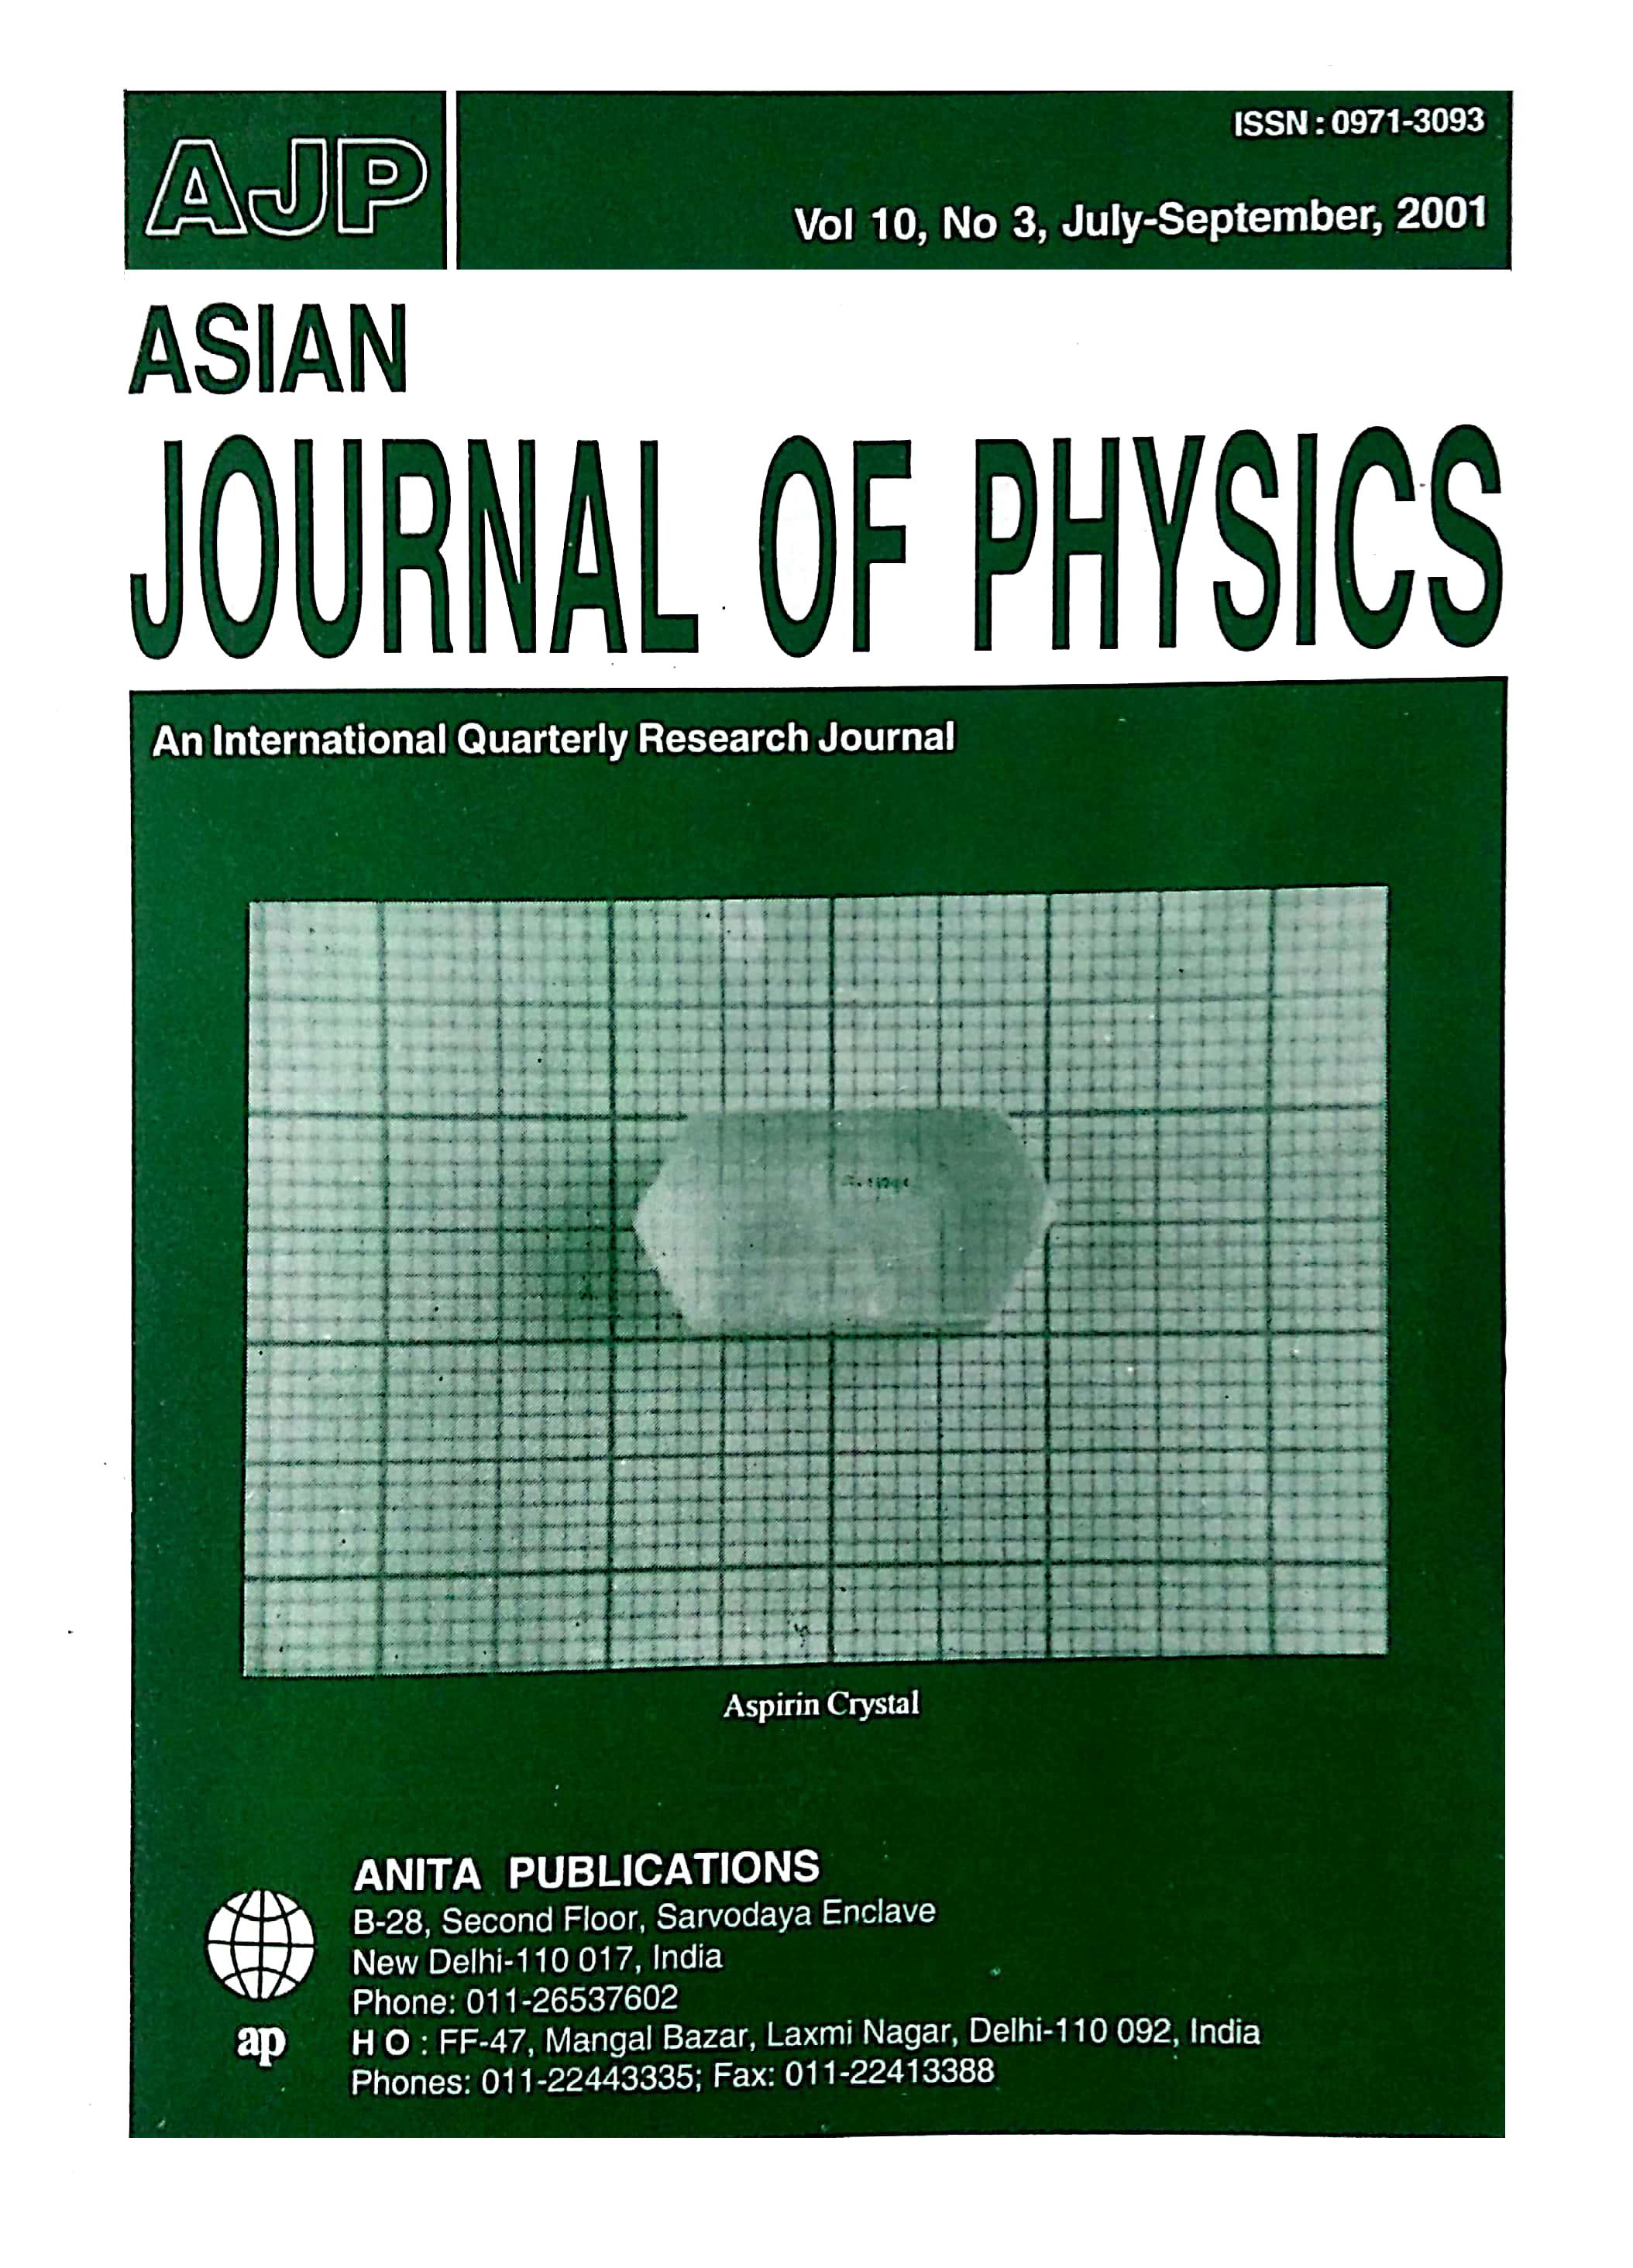 AJP Vol 10 No 3 2001